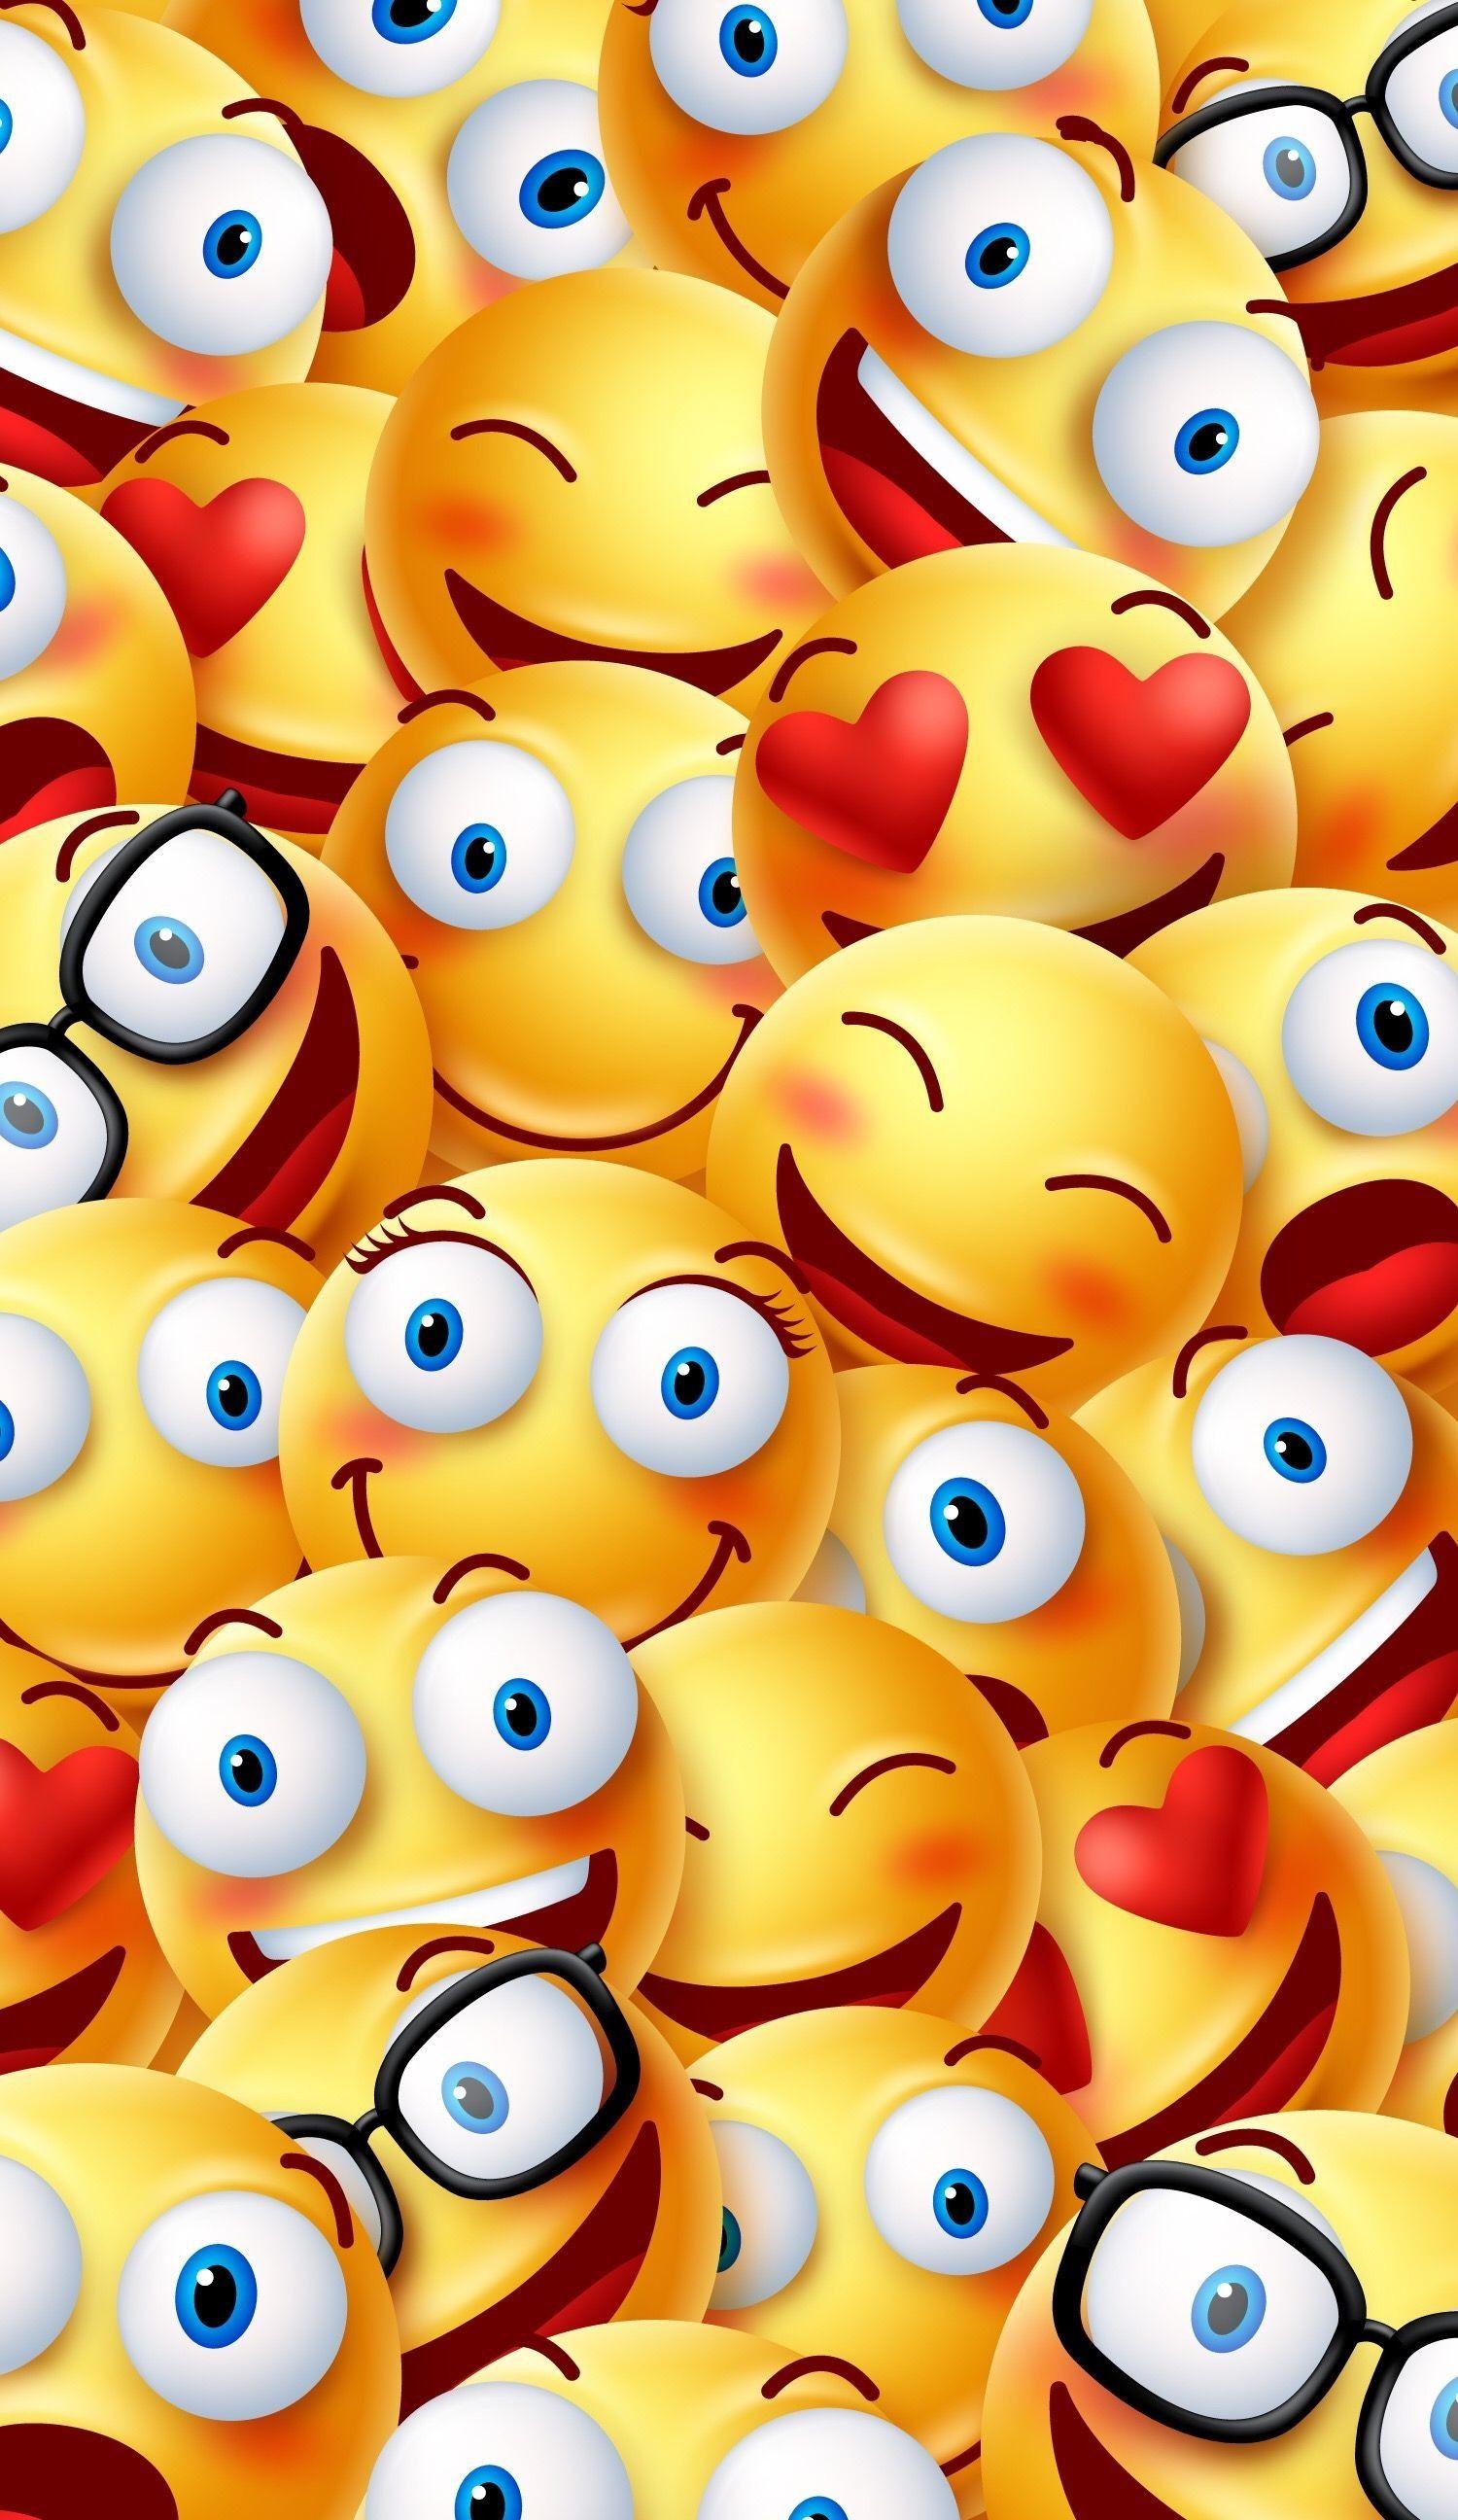 Pin by Shabana padaliya on many many Emoji   Emoji ...